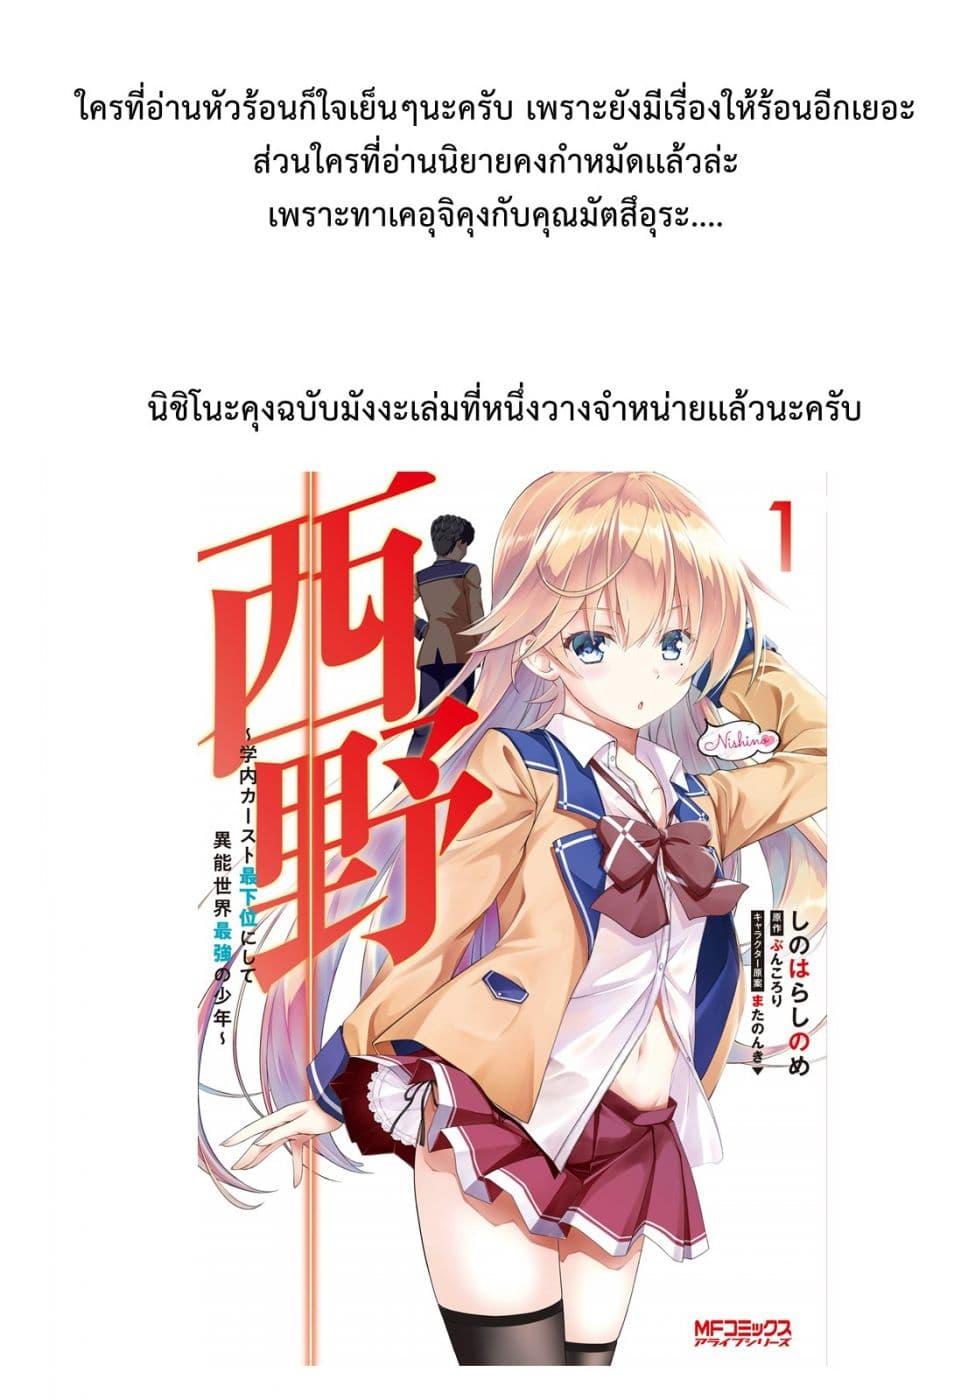 อ่านการ์ตูน Nishino Gakunai Caste Saikai Ni Shite Ino Sekai Saikyo No Shonen ตอนที่ 6 หน้าที่ 23